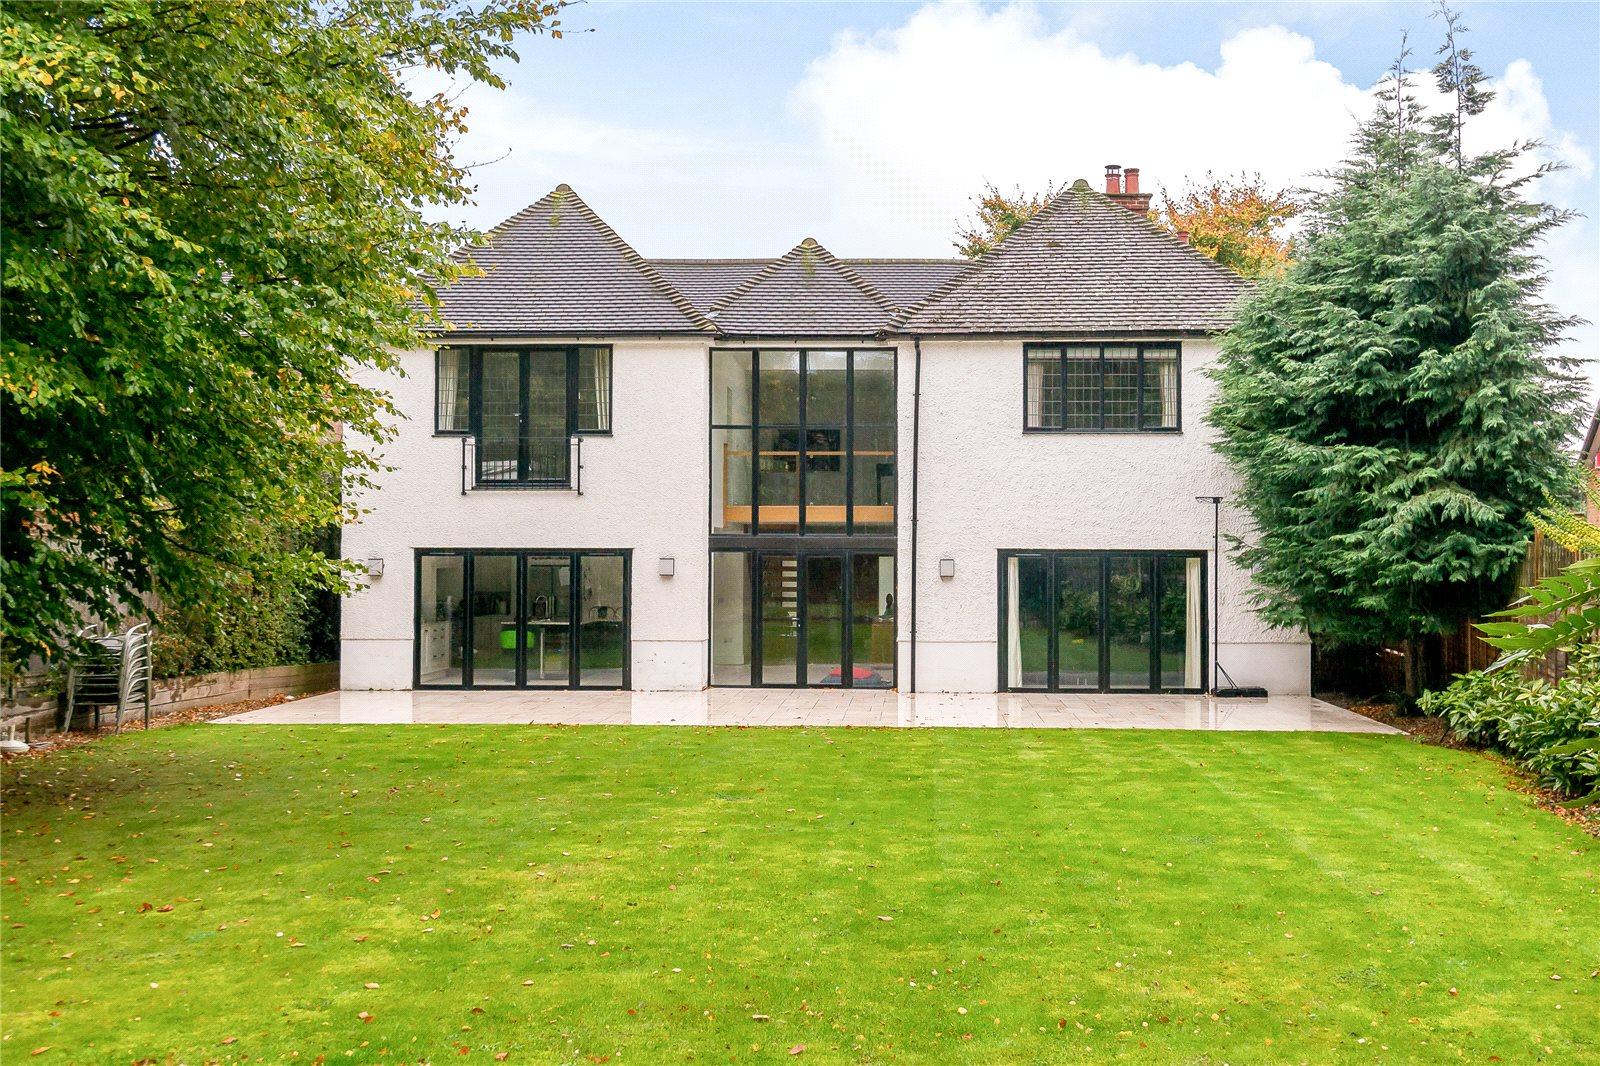 一戸建て のために 売買 アット Crabtree Lane, Harpenden, Hertfordshire, AL5 Harpenden, イギリス